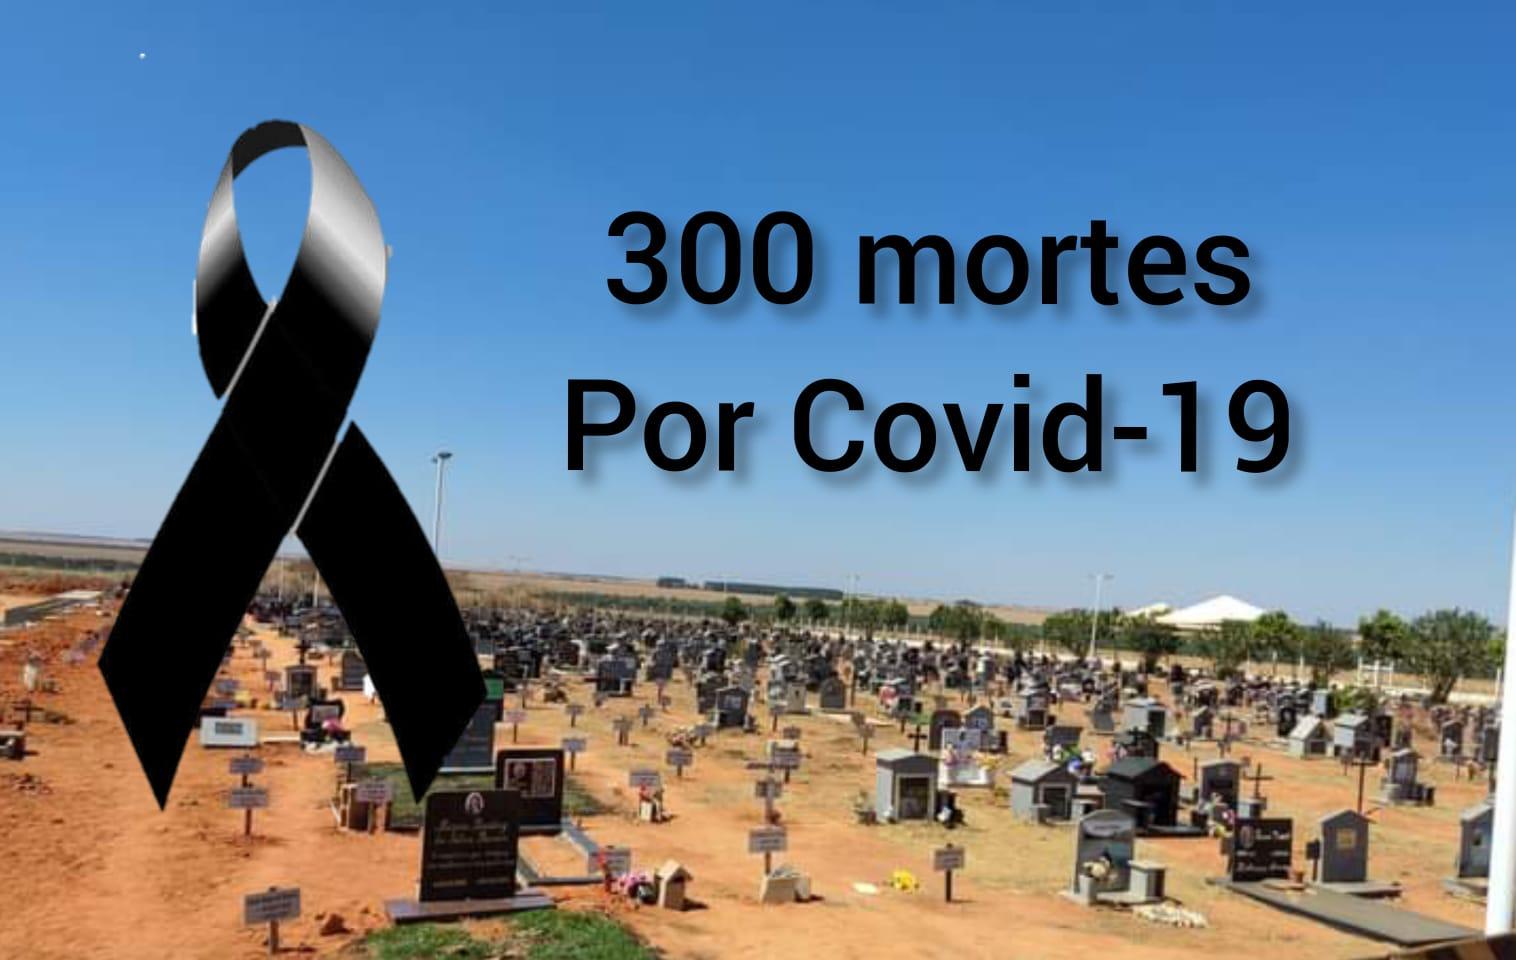 Vereador Luis Costa lamenta os mais de 300 óbitos por Covid-19 em Primavera do Leste e aponta negligência por parte do executivo